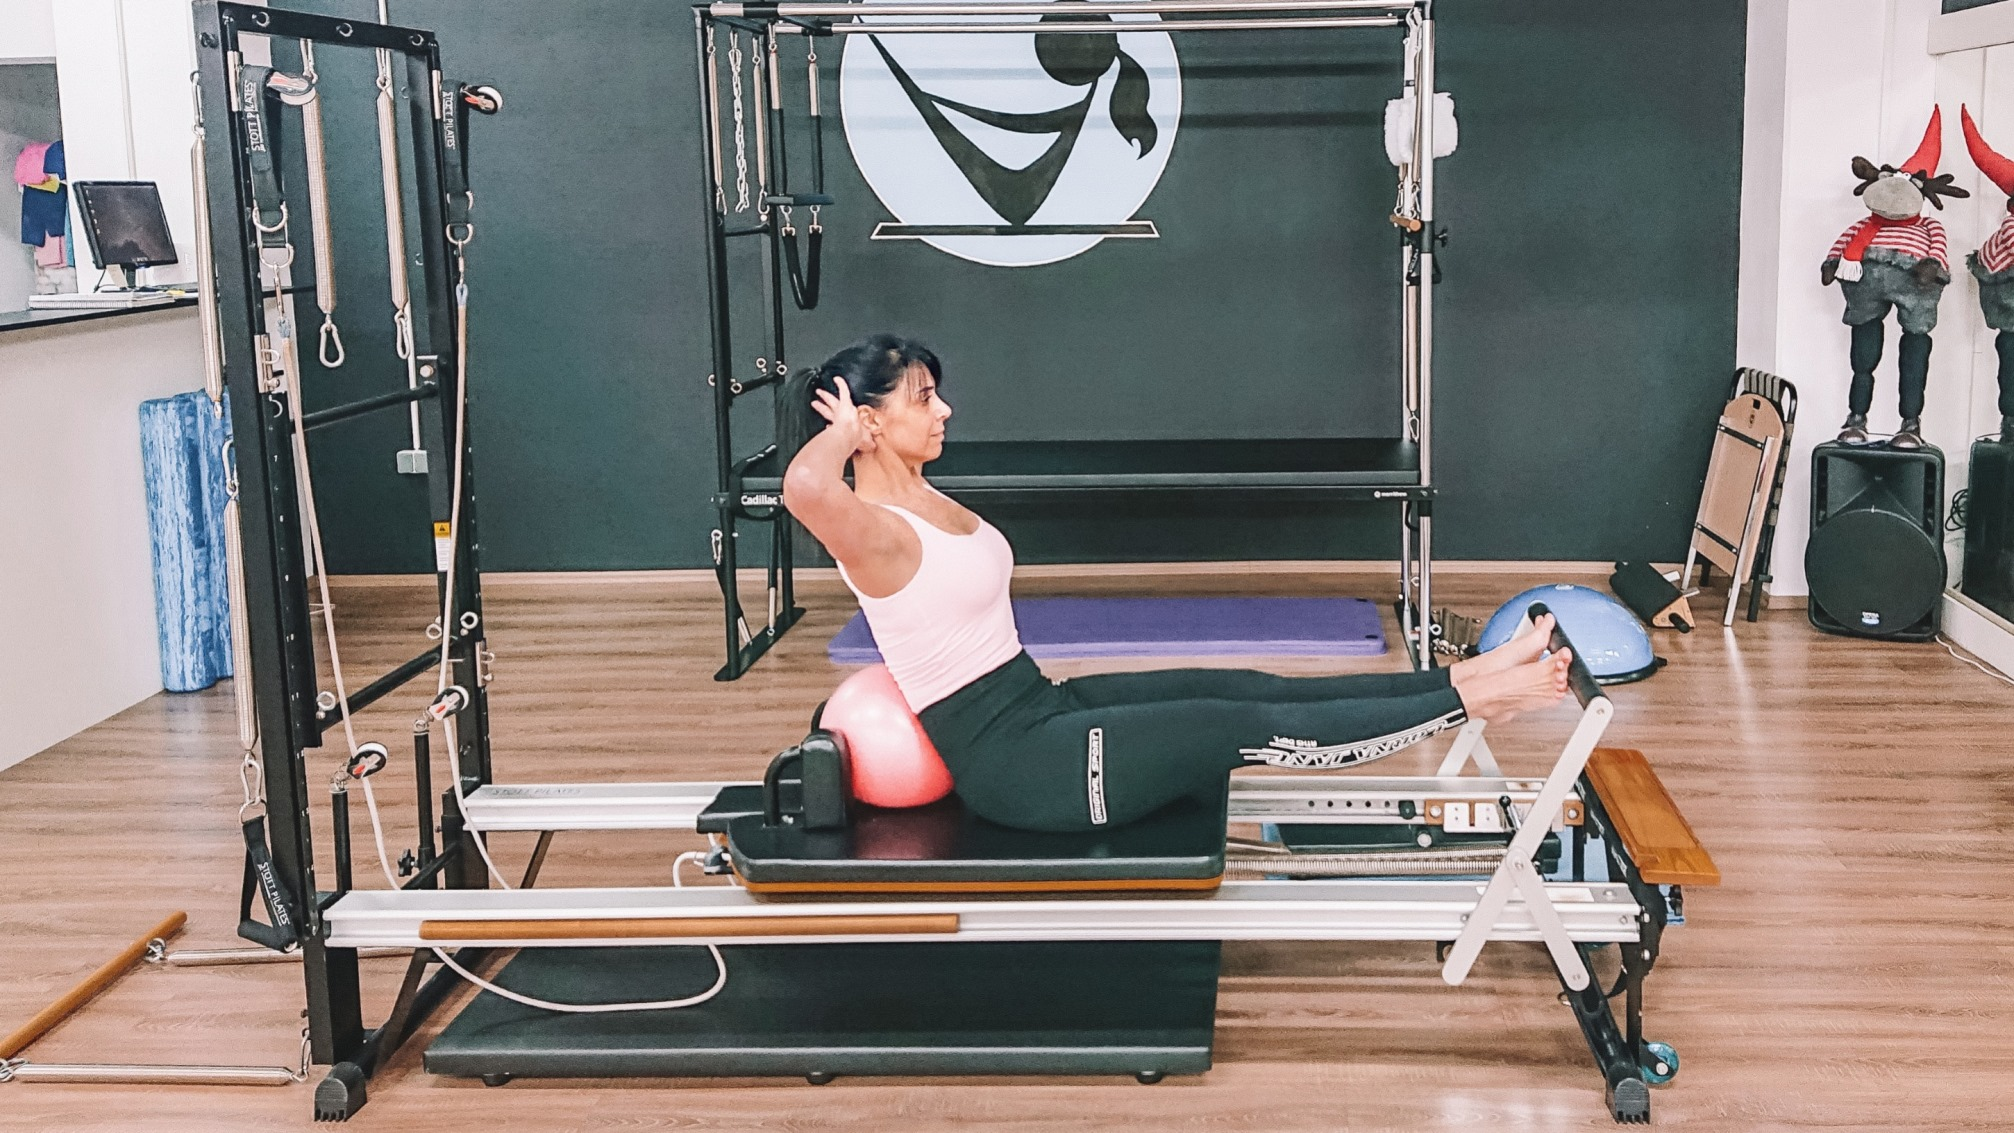 Konačno se vraćamo u dvoranu gdje Jennifer Glumac nastavlja s treninzima na Pilates spravama